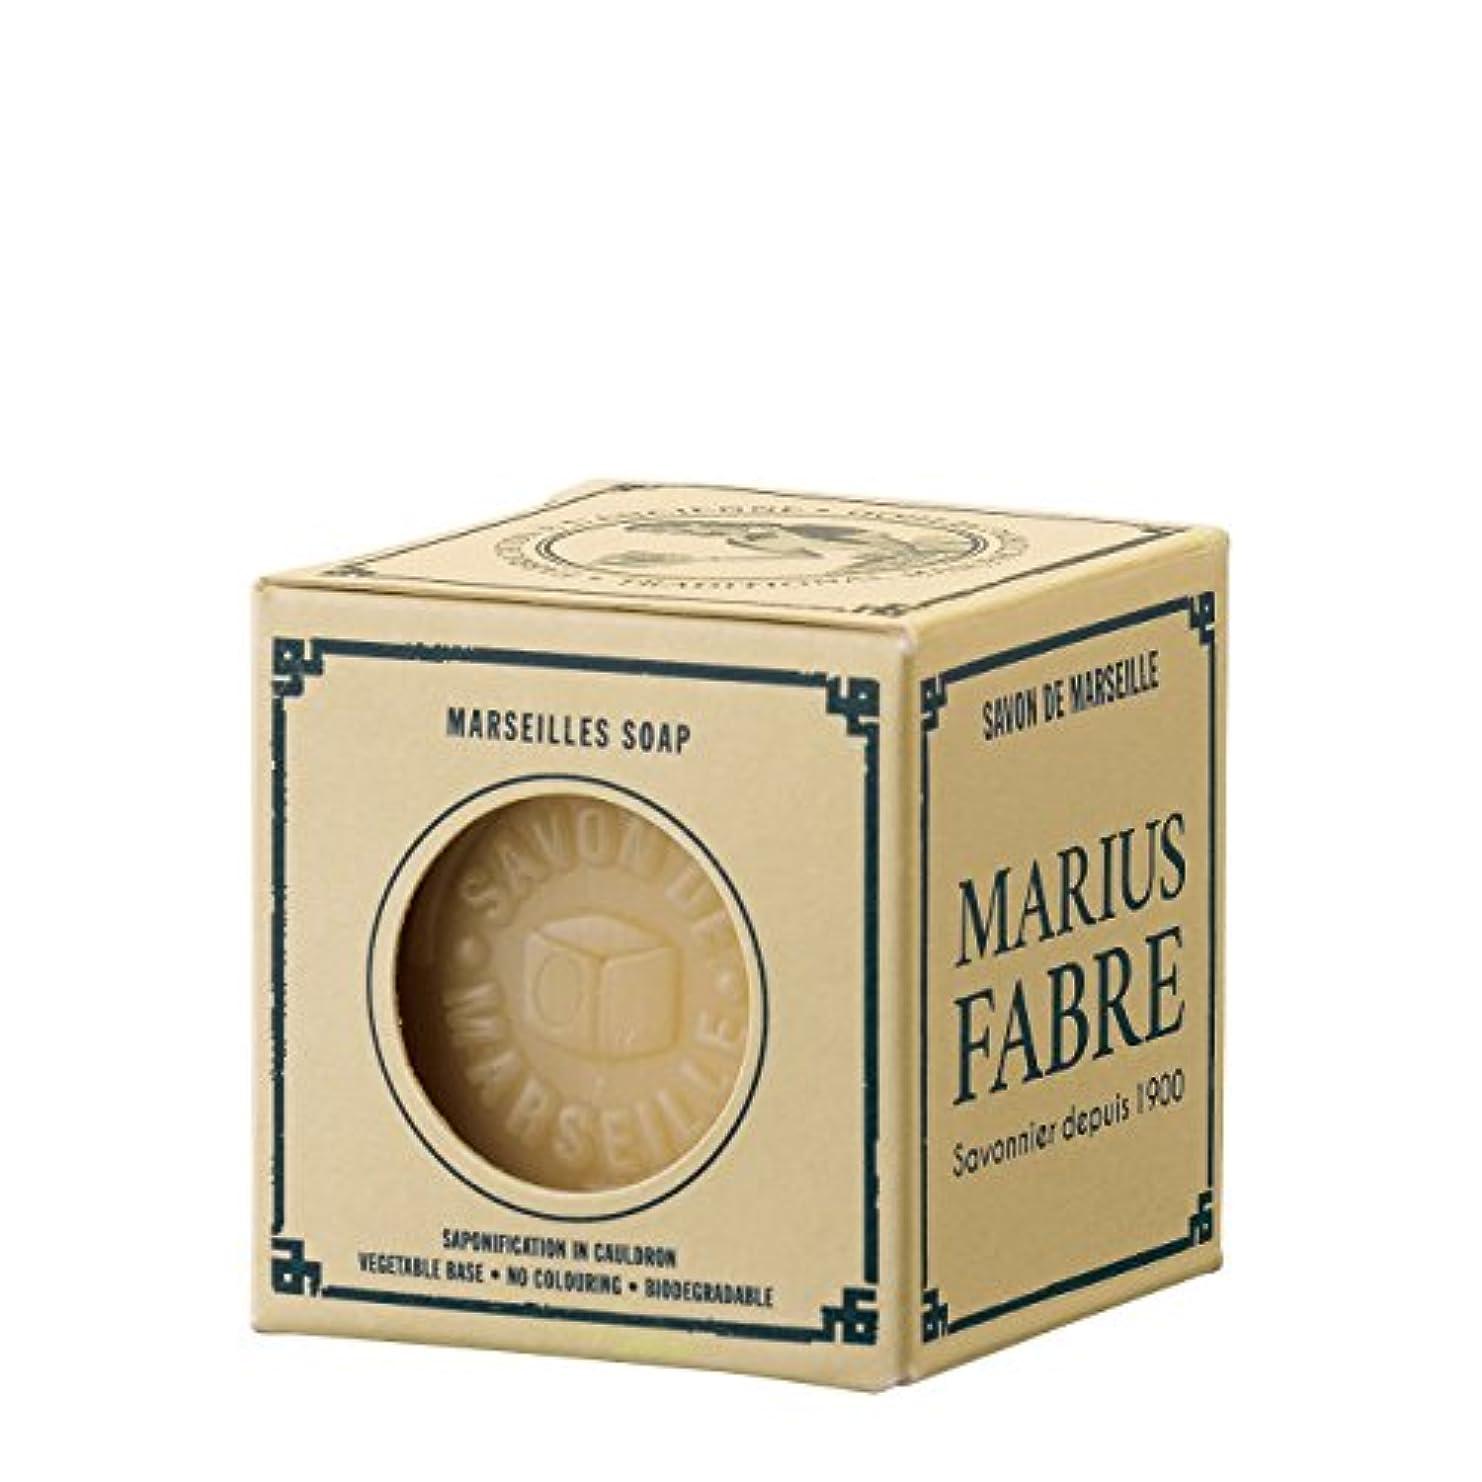 あいまいな顎トロピカルサボンドマルセイユ ネイチャー パーム (100g)